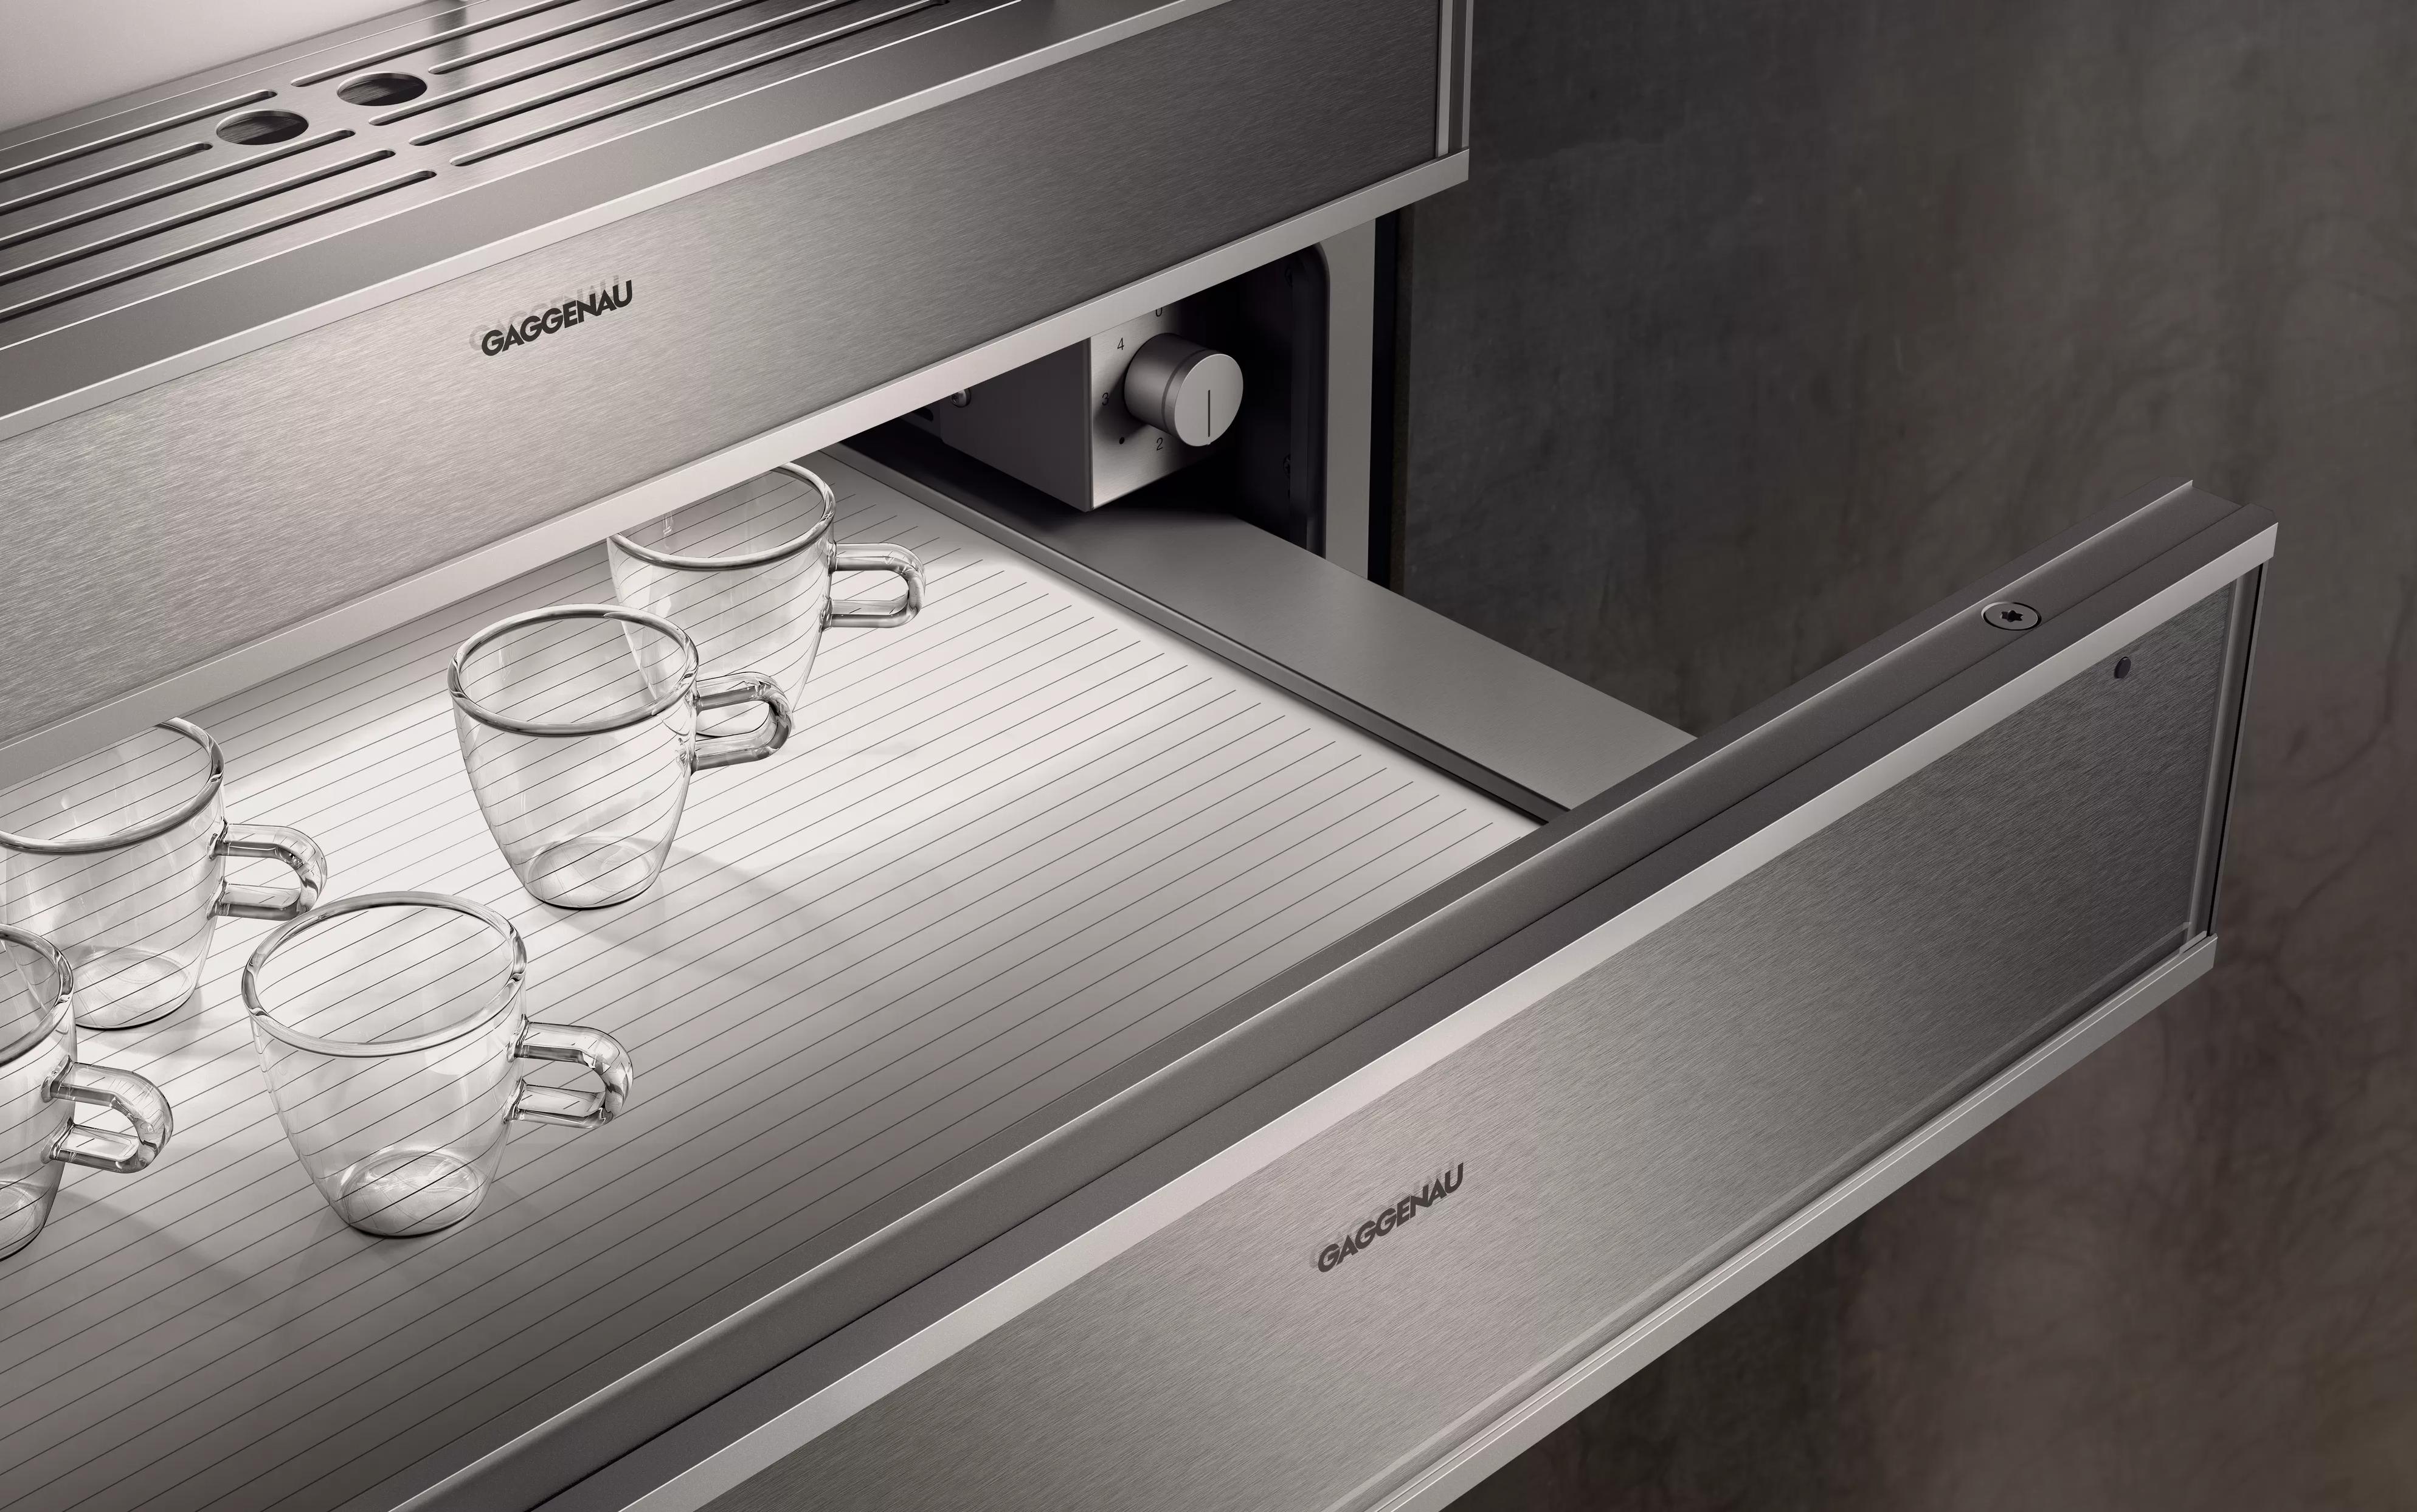 Warming drawer 400 series – 60 x 14 cm